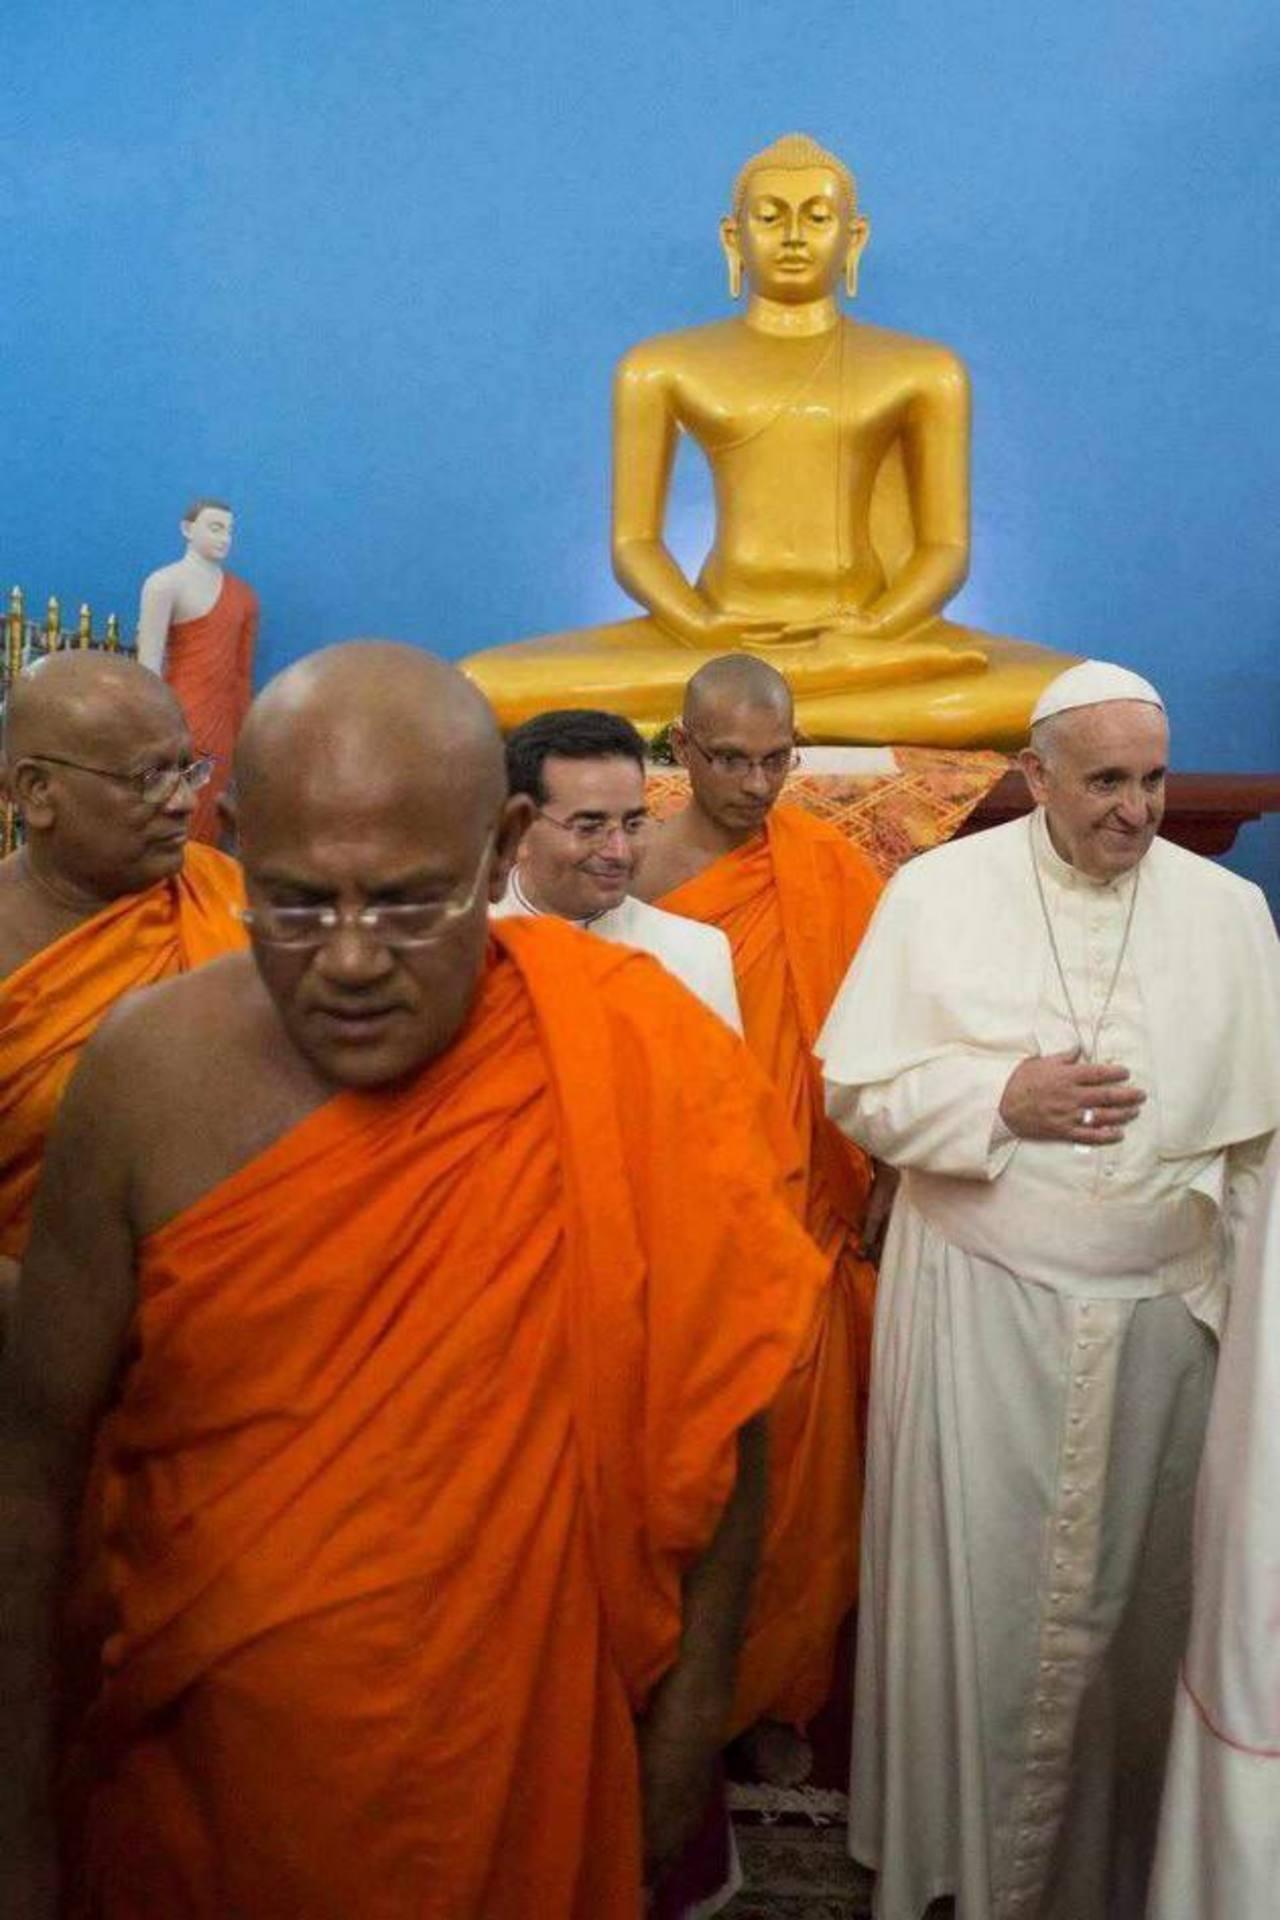 El papa Francisco sorprendió al mundo al realizar una visita sorpresiva al templo budista de Mahabodi Viharaya en Colombo. El pontífice pidió respeto a la libertad de culto. foto edh / EFEEl Papa Francisco (izq., atrás) circula en su papamóvil entre